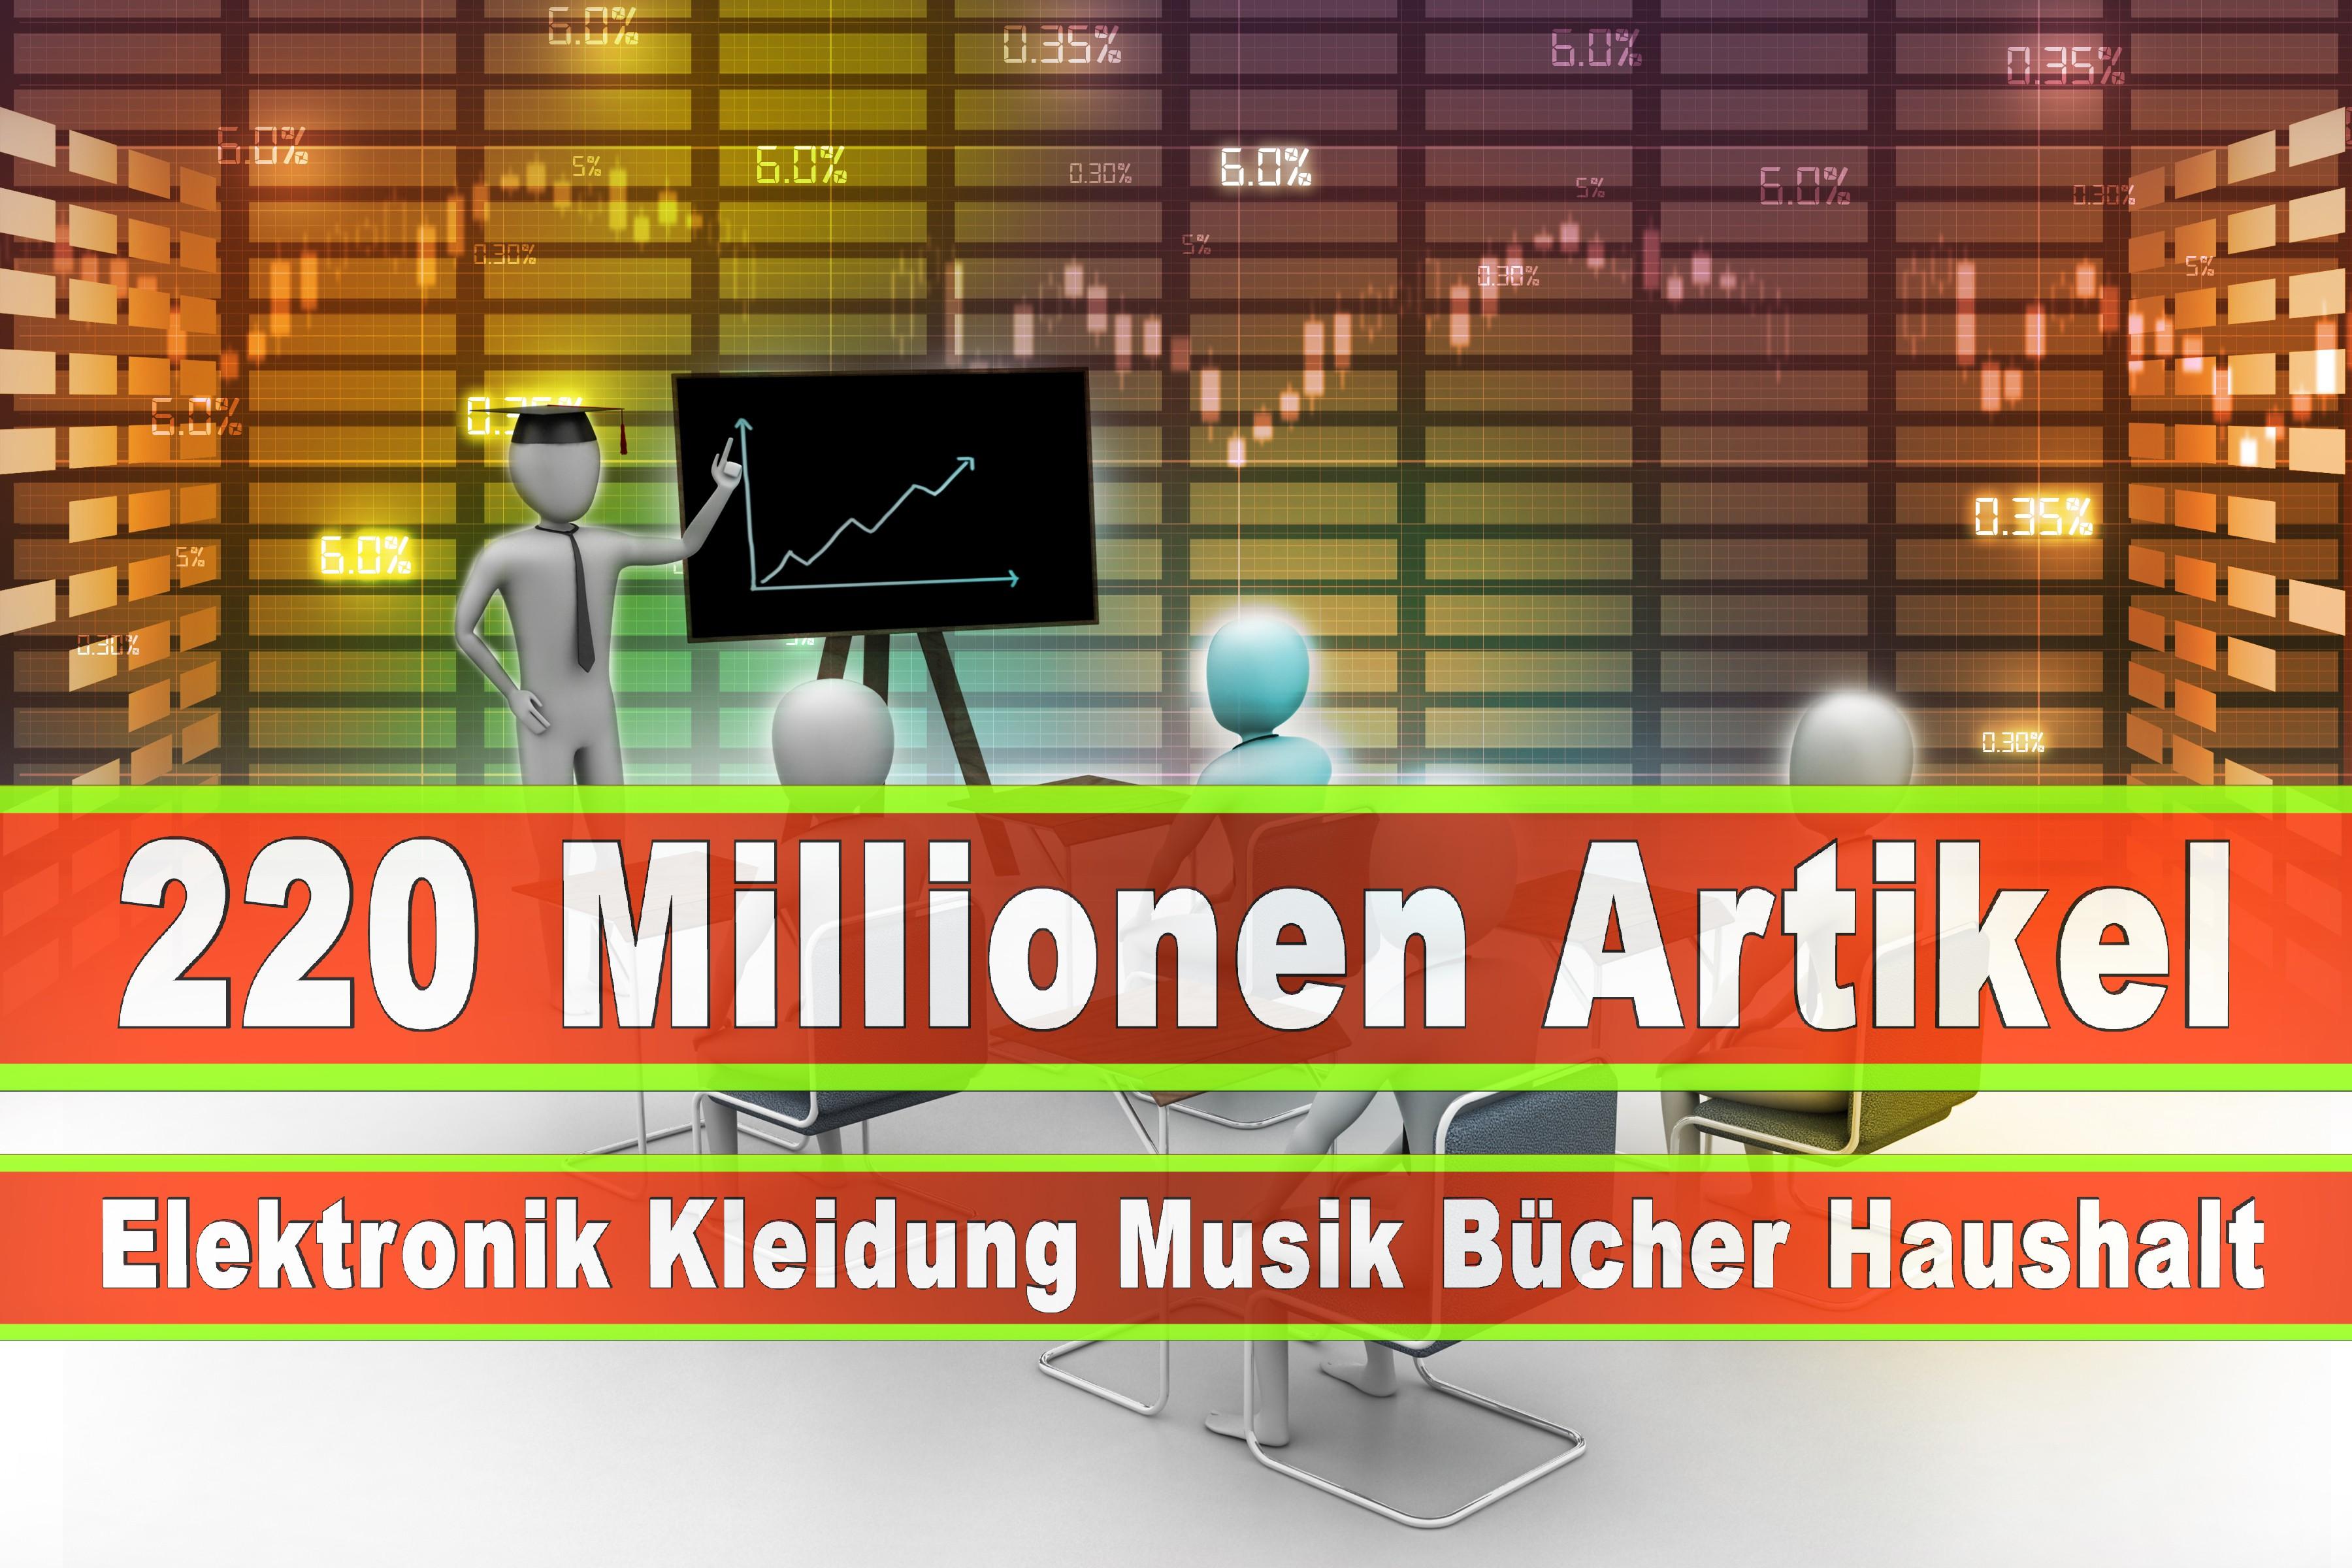 Amazon Elektronik Musik Haushalt Bücher CD DVD Handys Smartphones TV Television Fernseher Kleidung Mode Ebay (79)